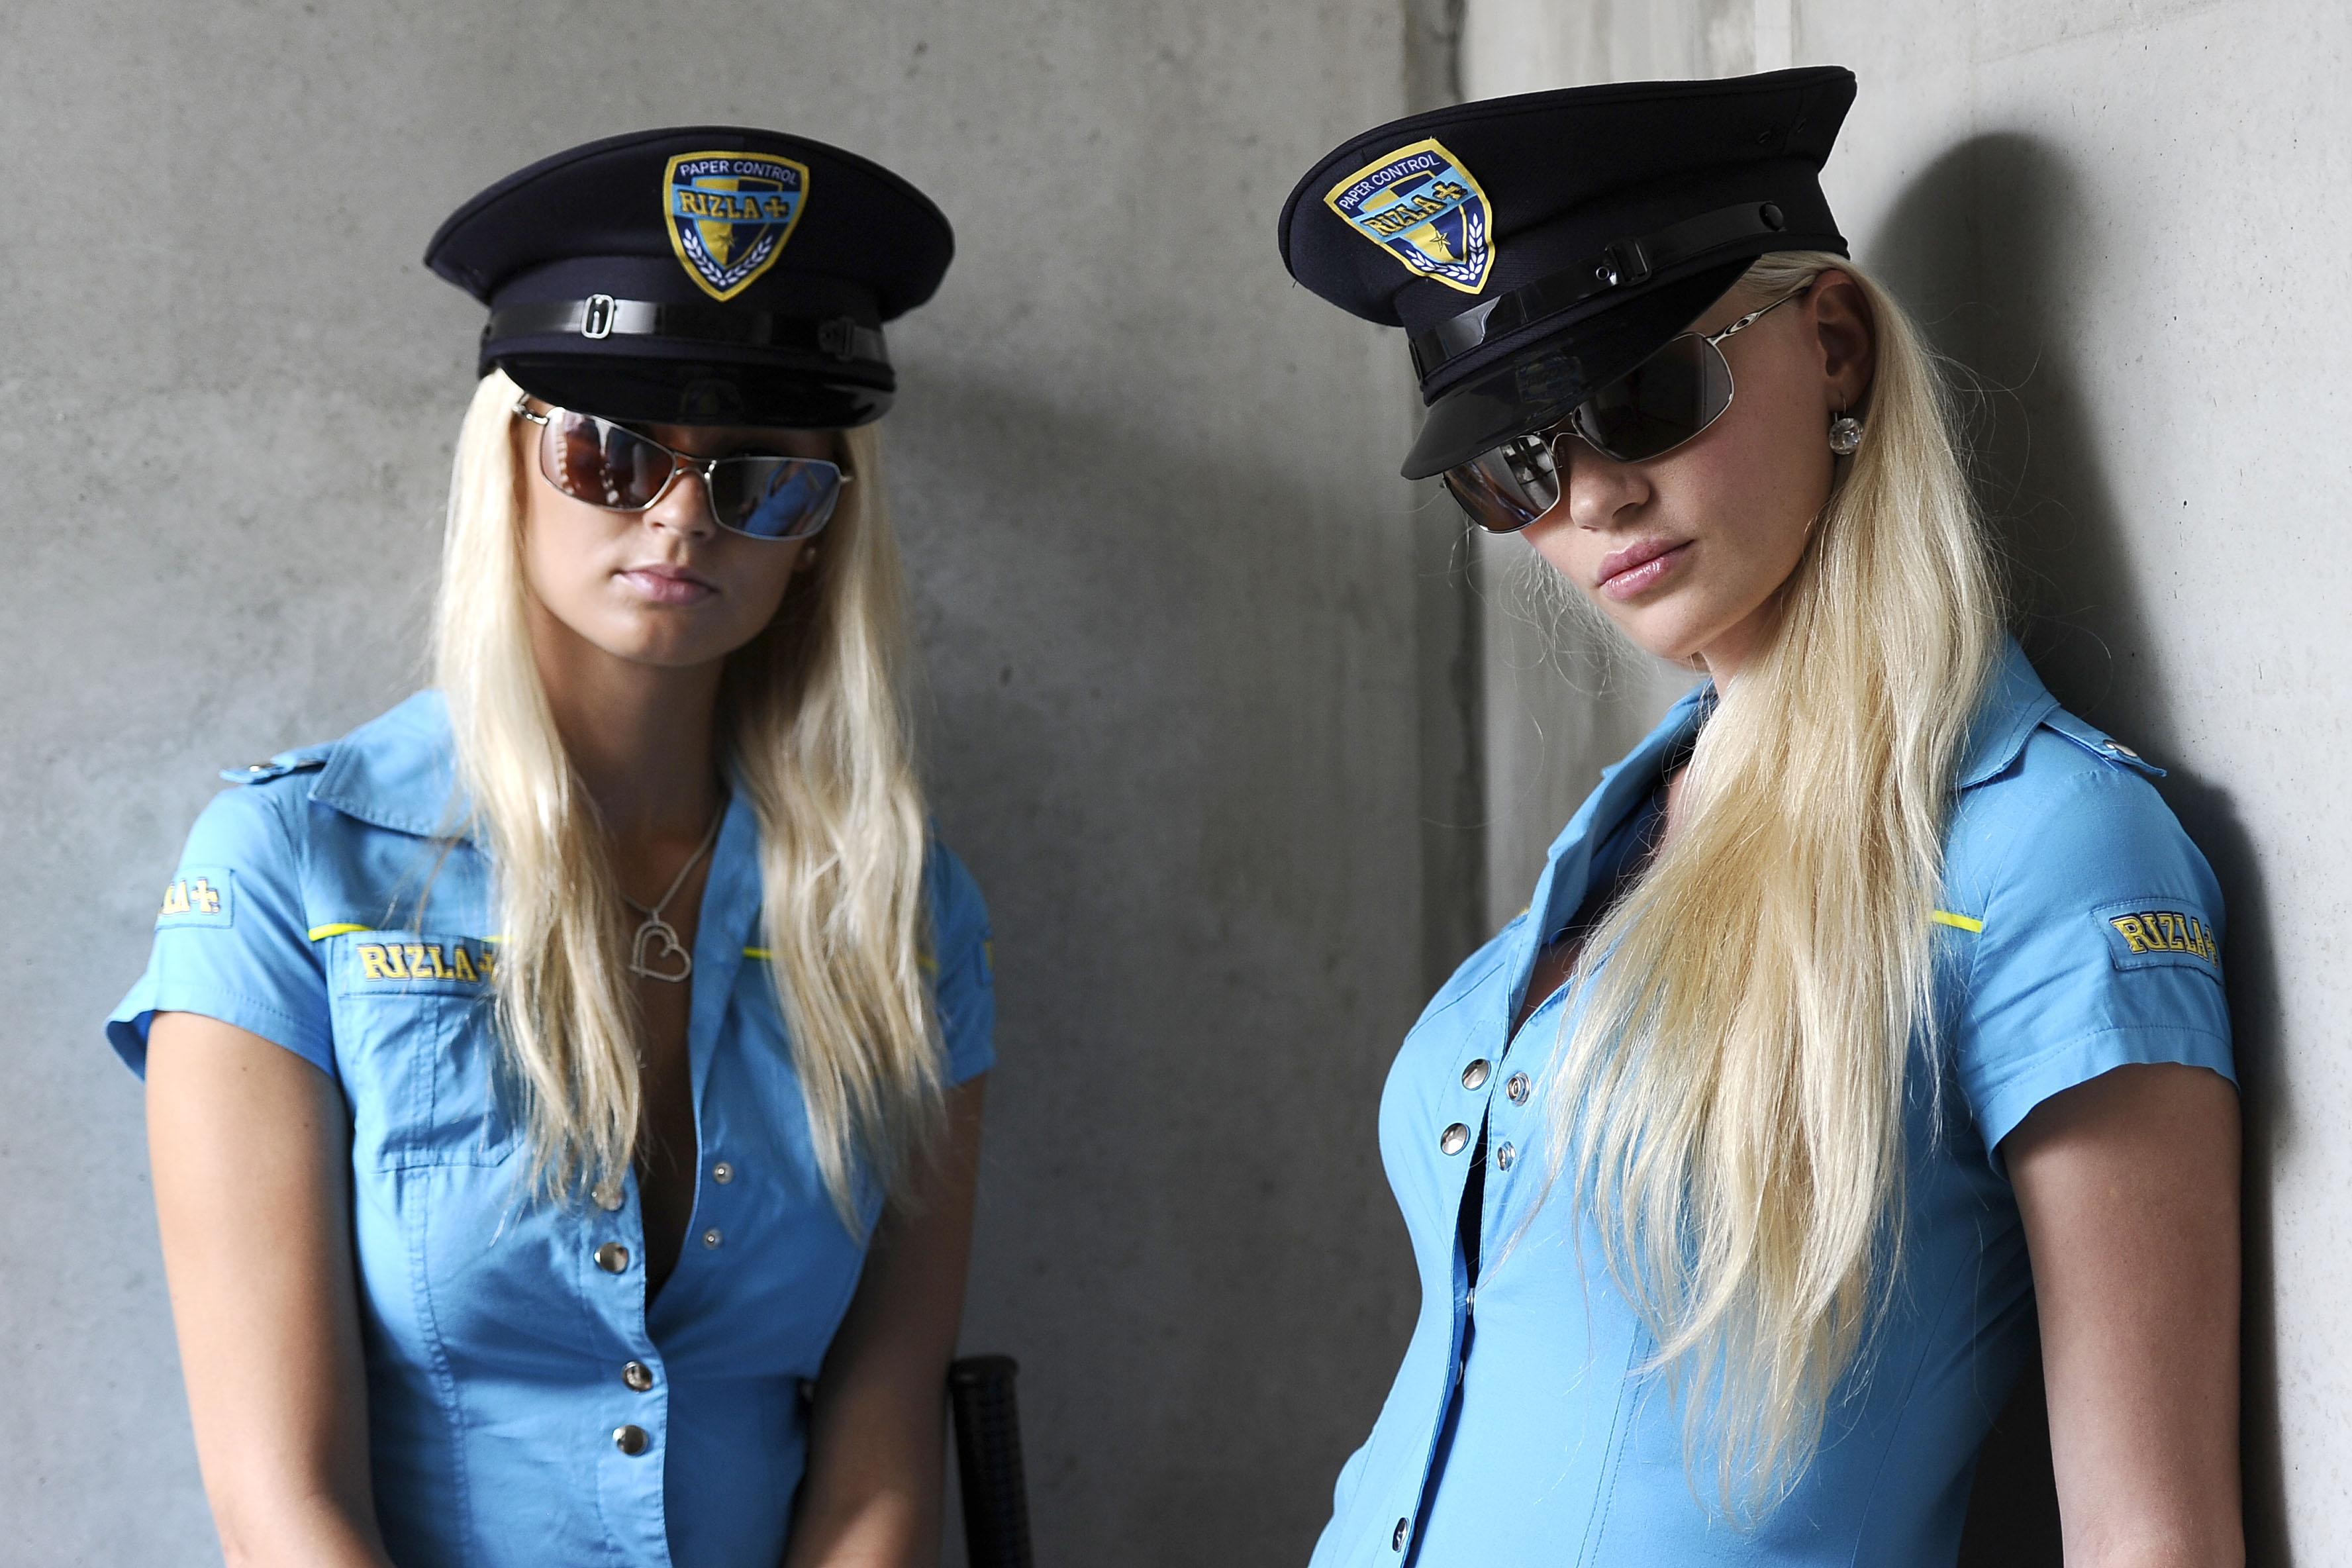 Девушки полицейские фото на аву